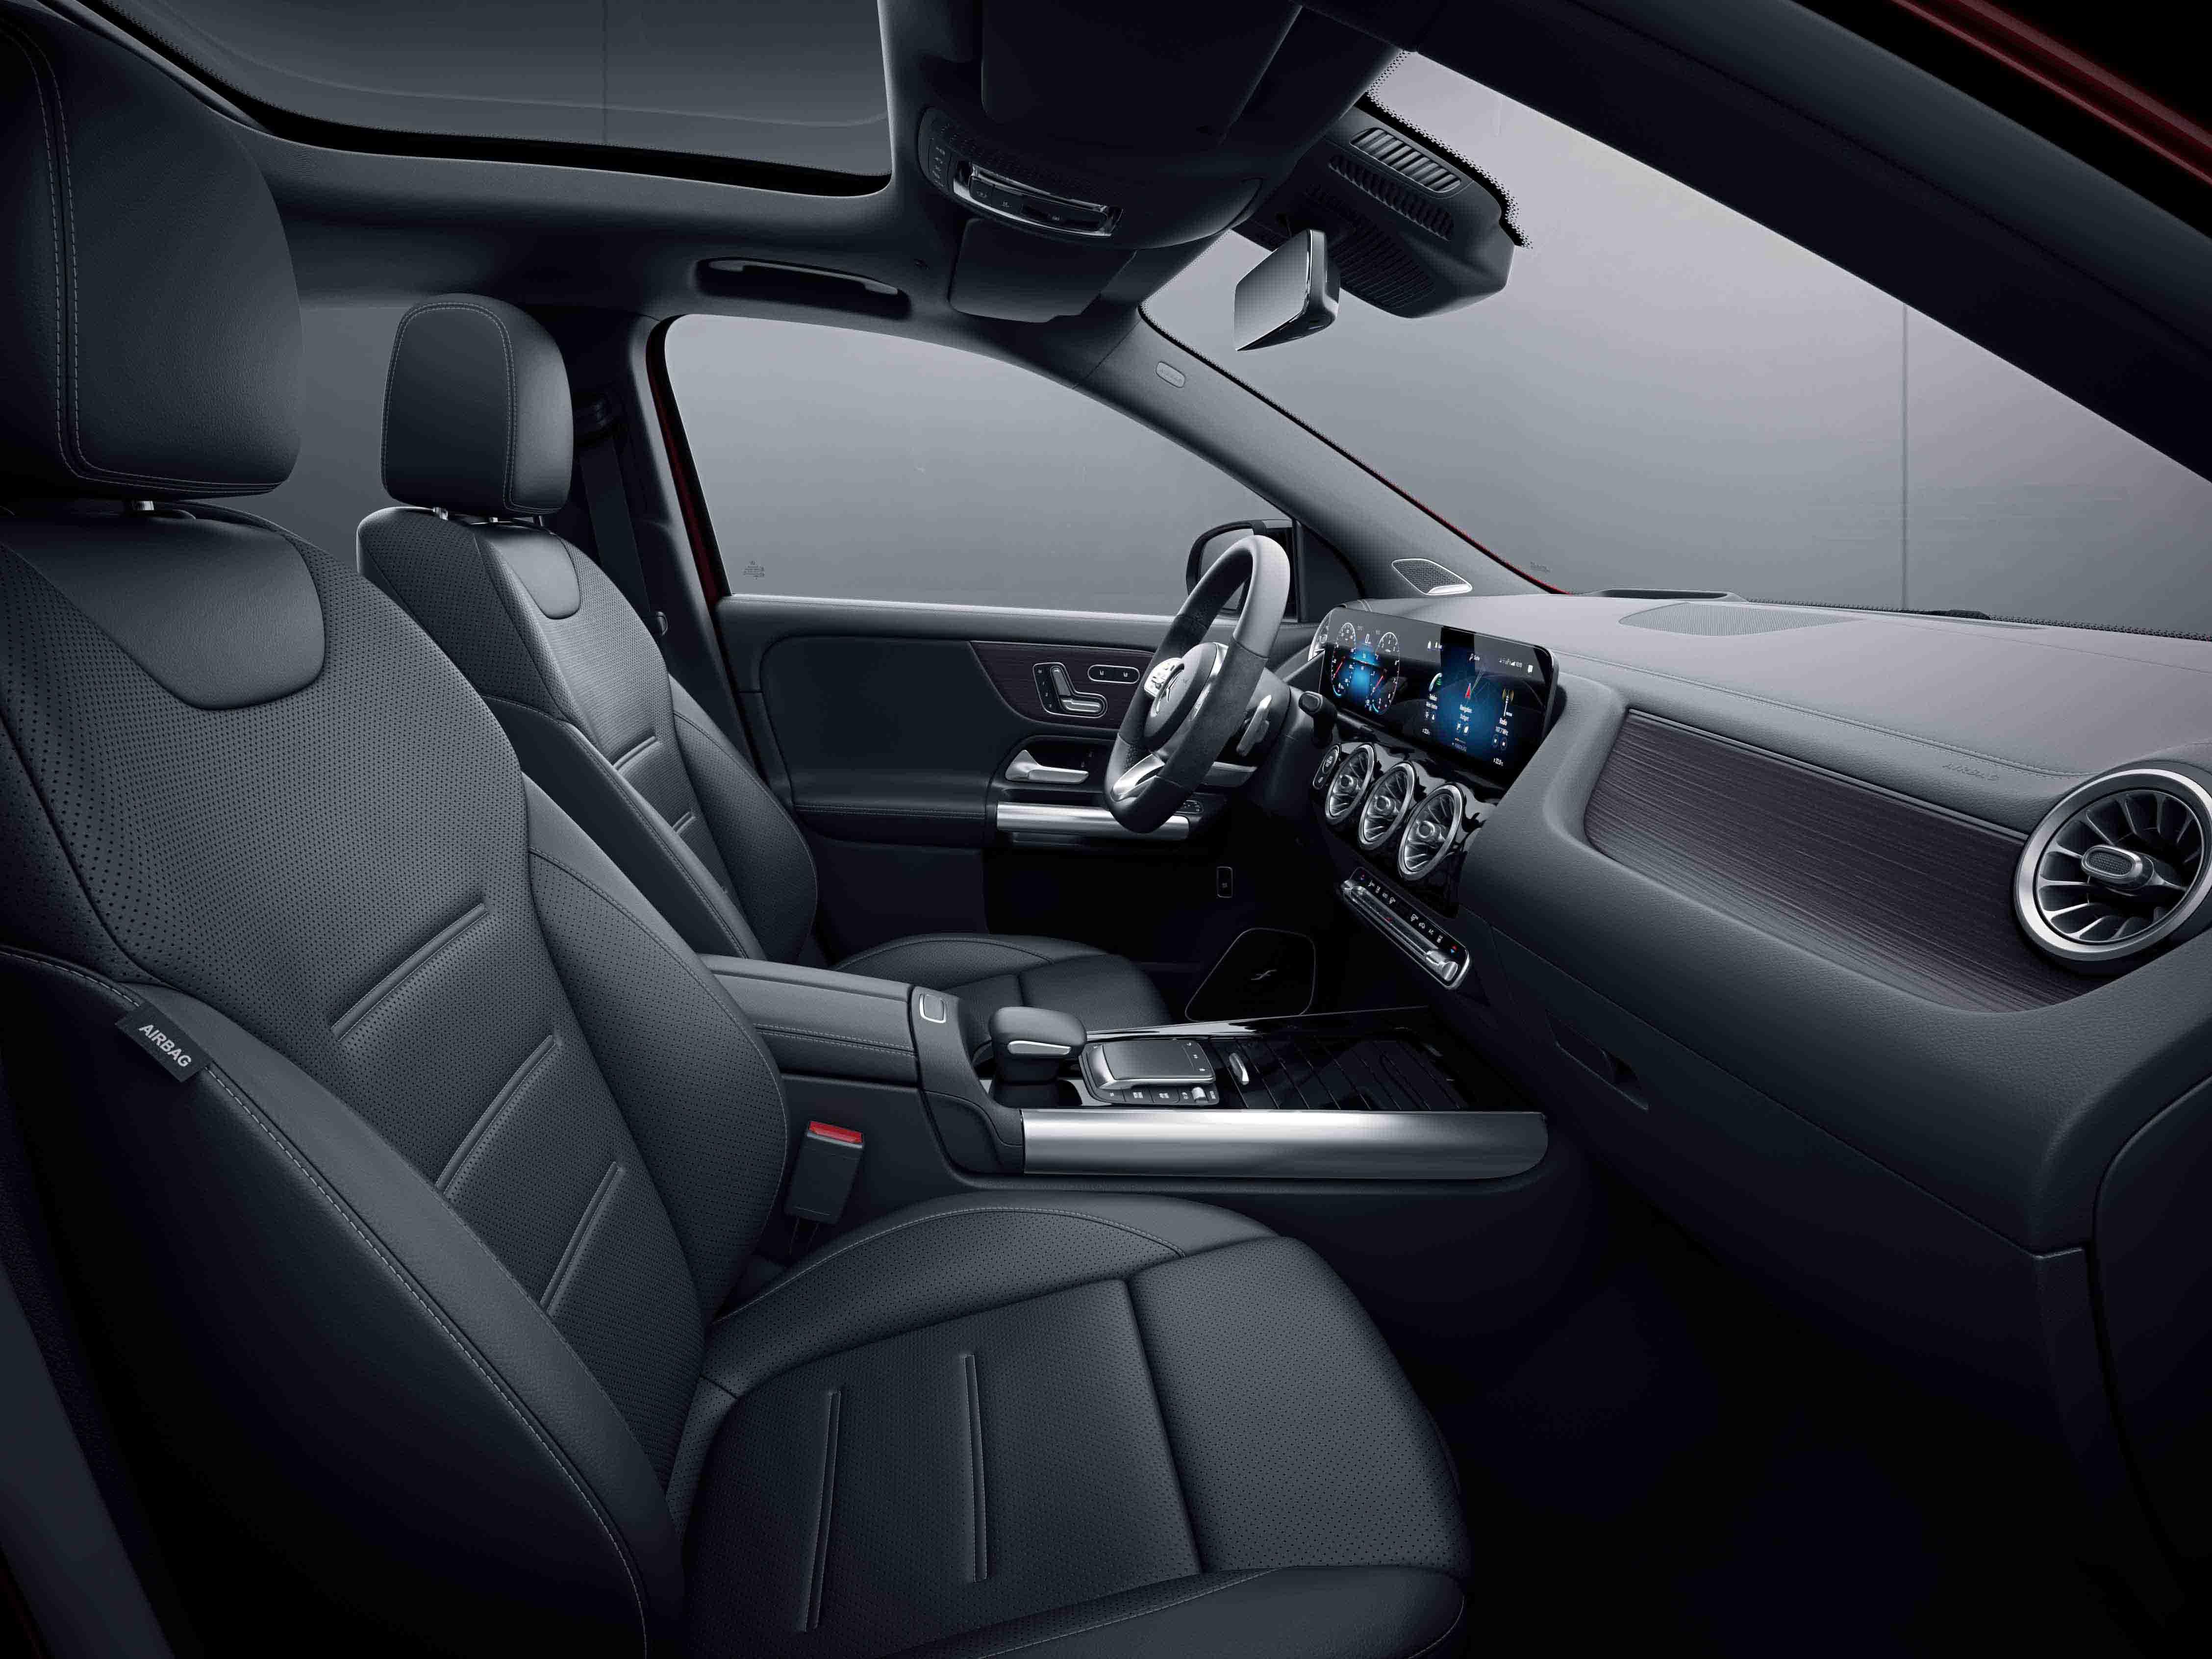 Habitacle de la Mercedes Classe GLA avec une Sellerie cuir - noir